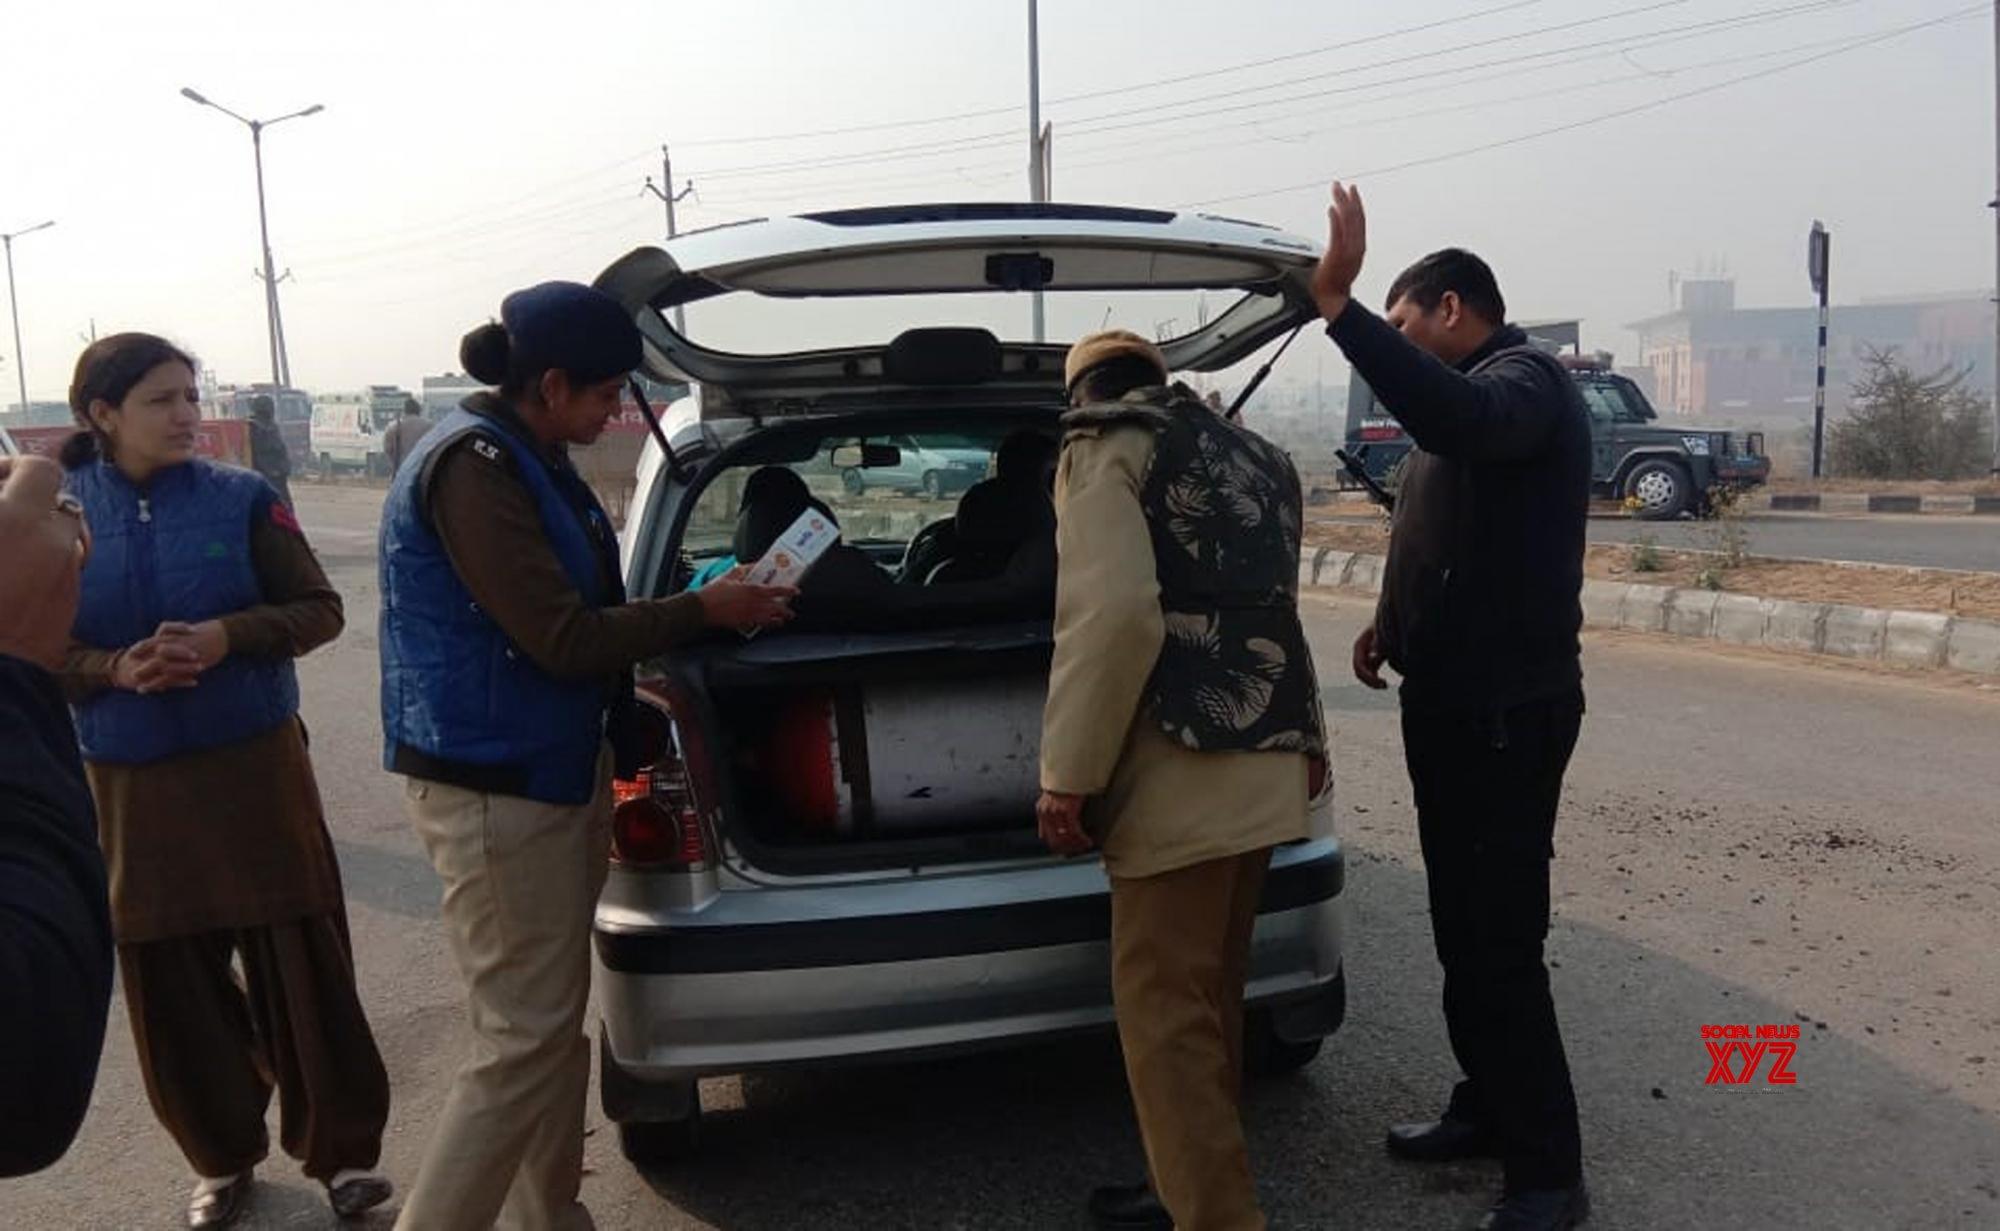 BREAKING NEWS: Gurmeet Ram Rahim Singh convicted in journalist's murder